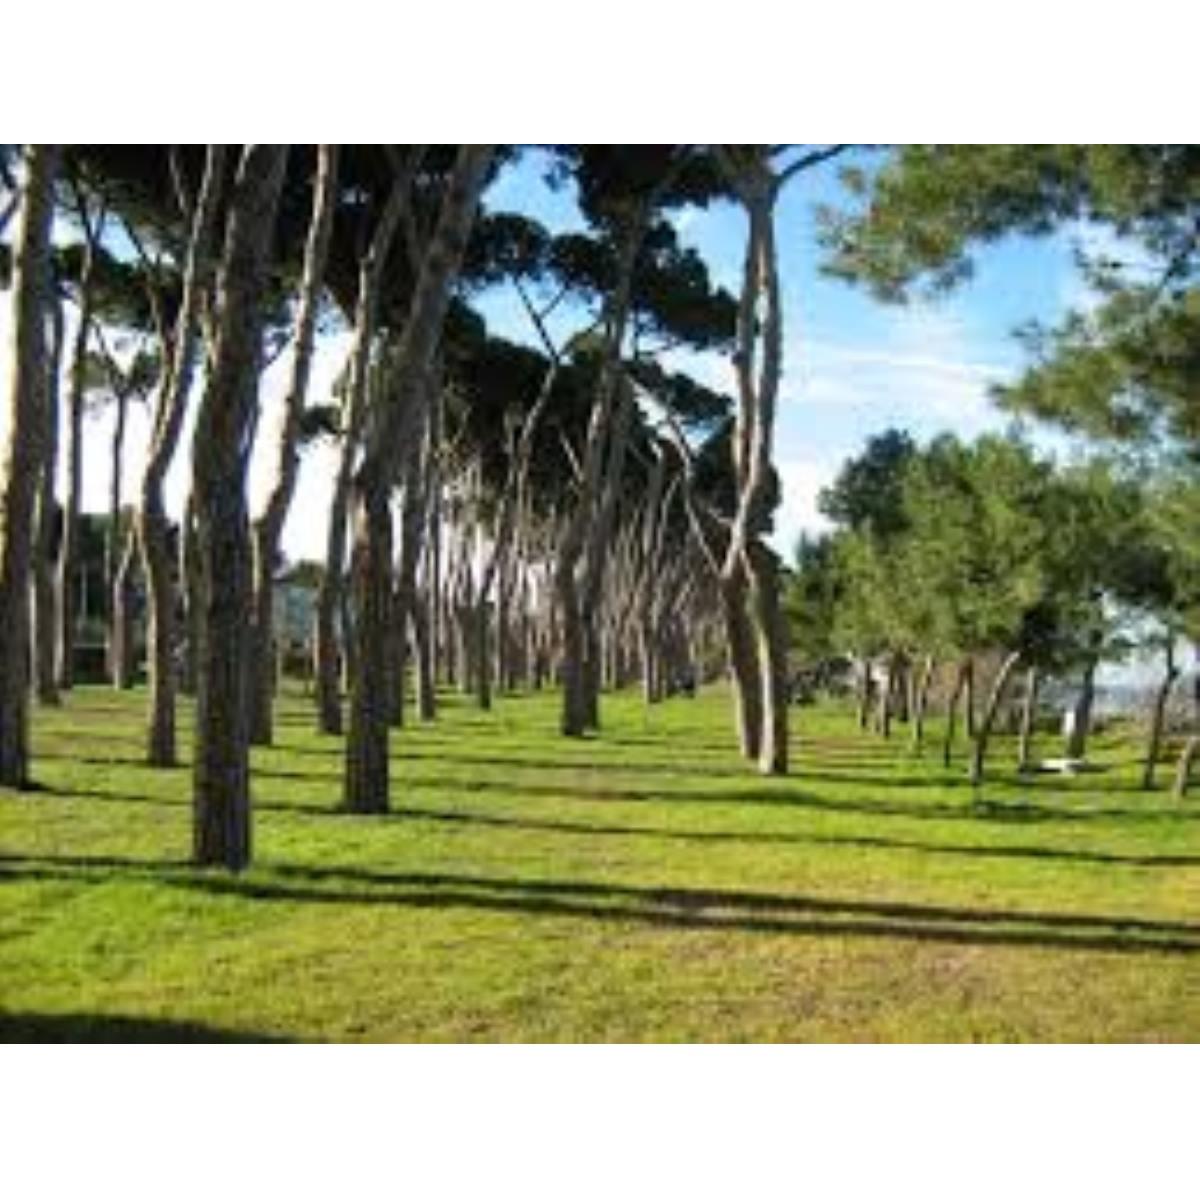 Il Tomicus ha attaccato alcuni pini a Pineto foto